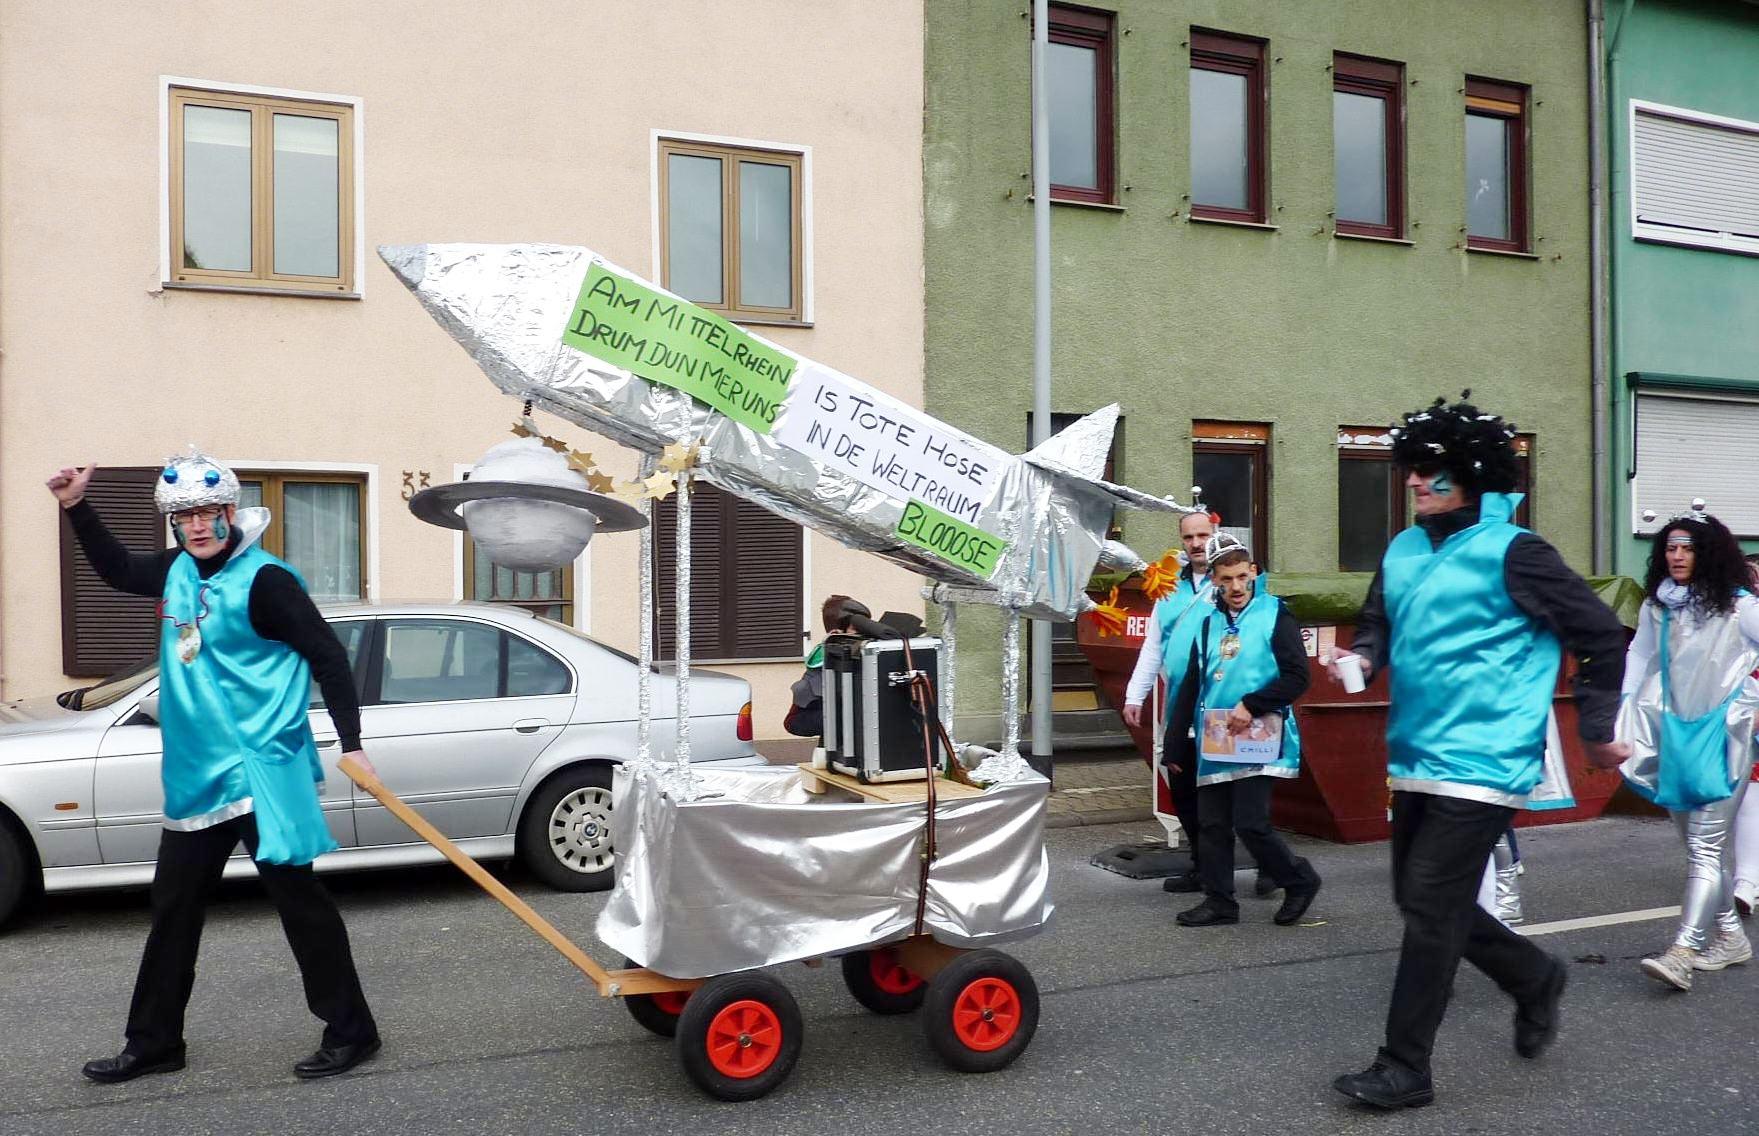 Fußgruppe in Fantasiekostümen als Raumschiff-Besatzung